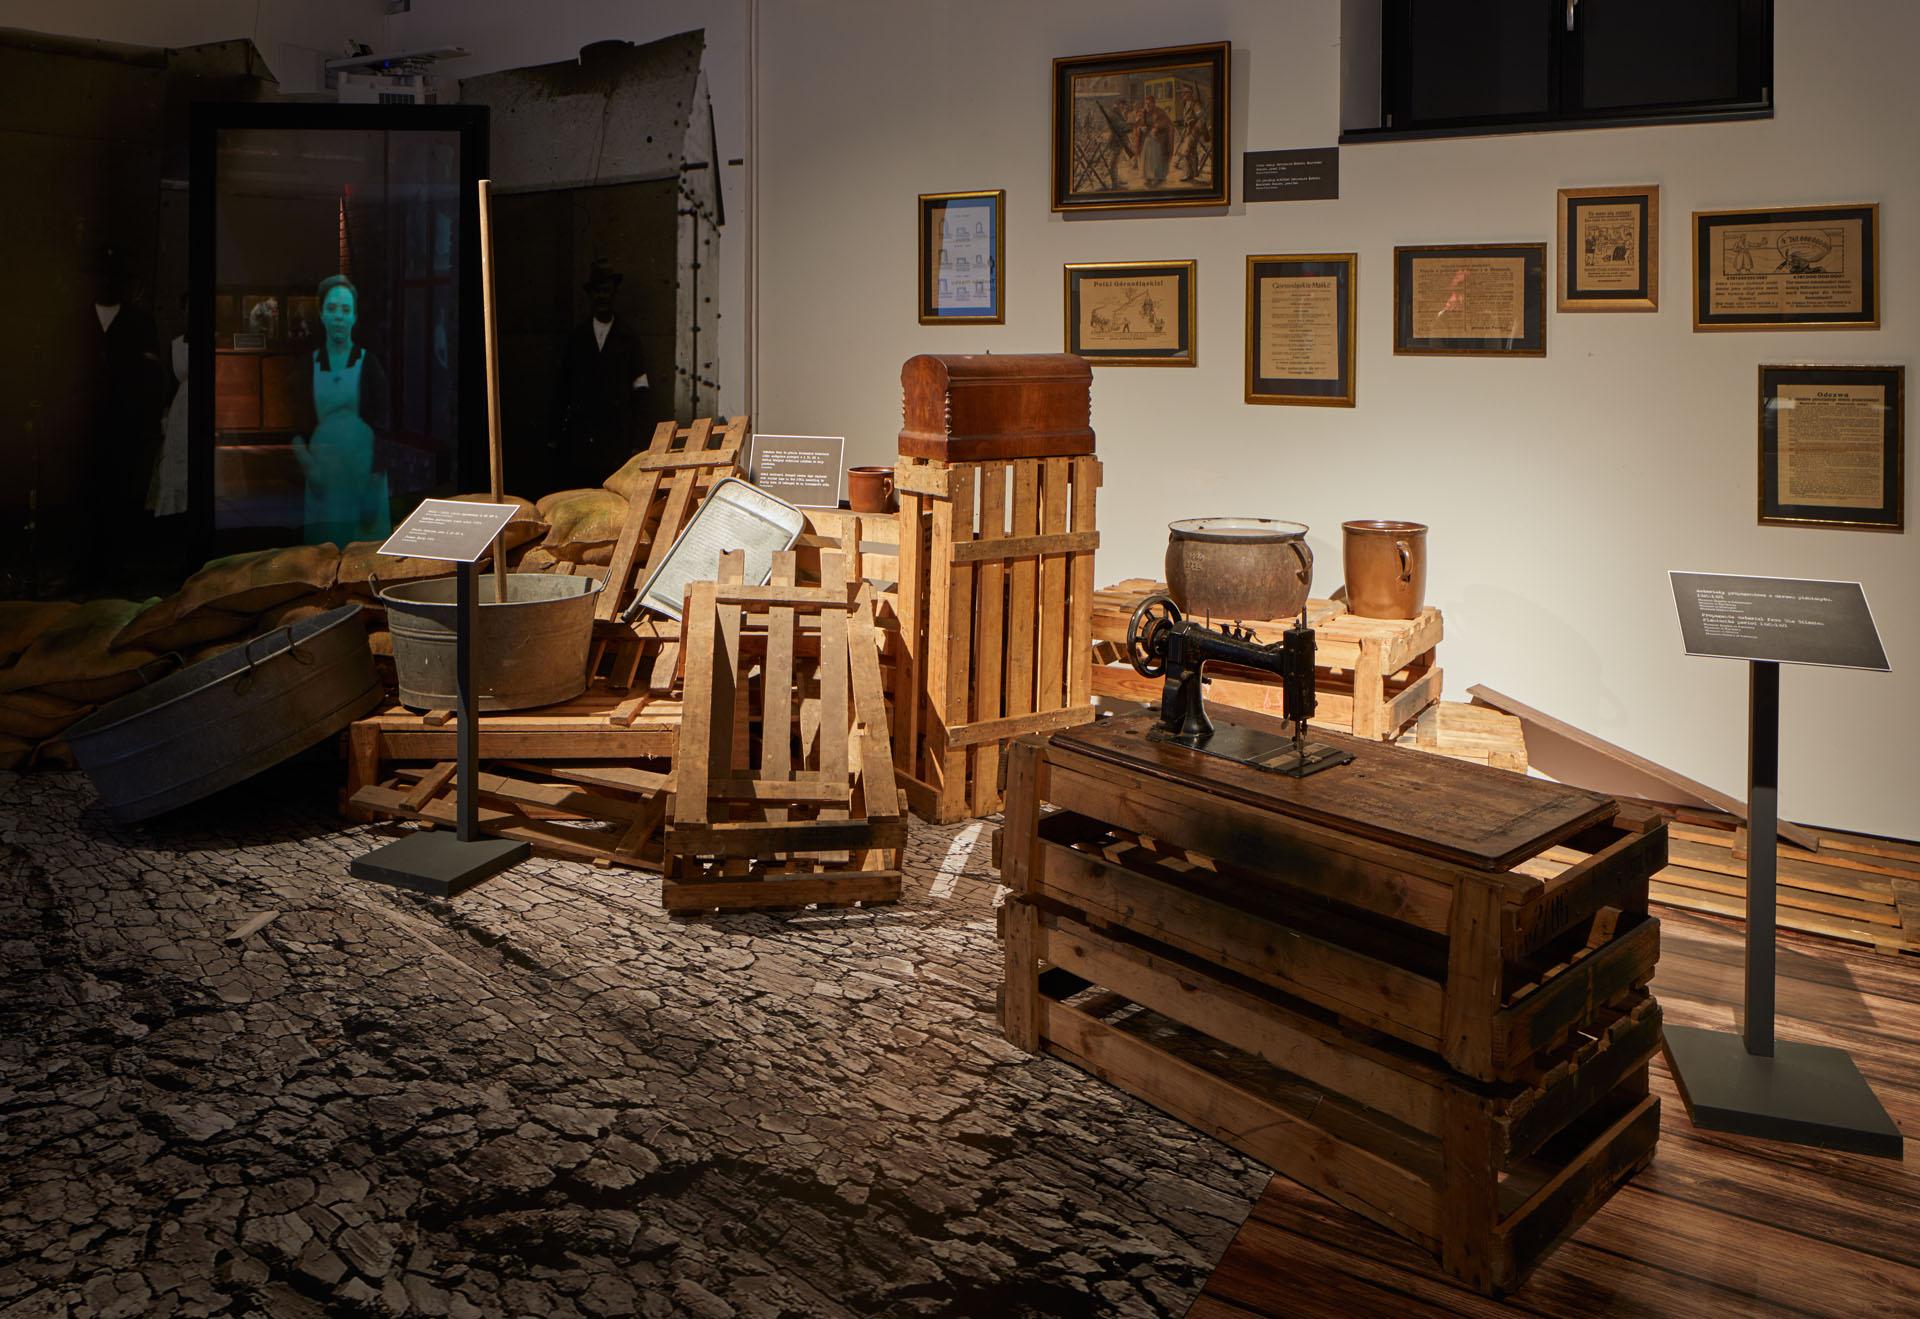 Zdjęcie wnętrza wystawy o kobietach w powstaniach. Na pierwszym planie komoda z dokumentami.